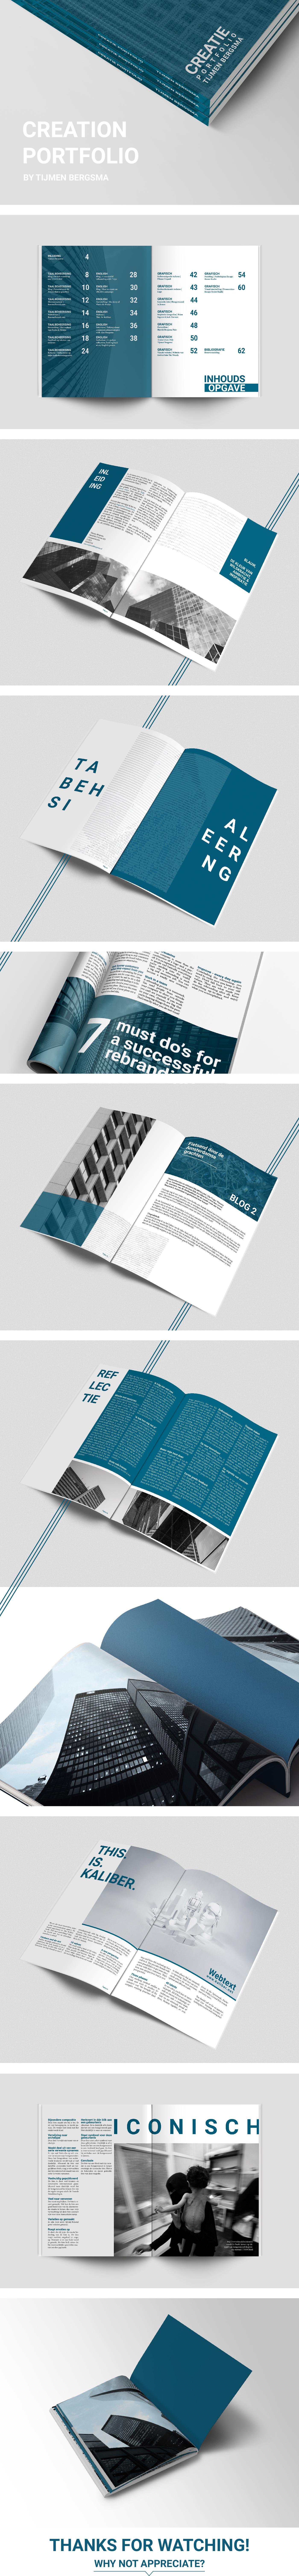 有創意感的23張作品集排版設計欣賞